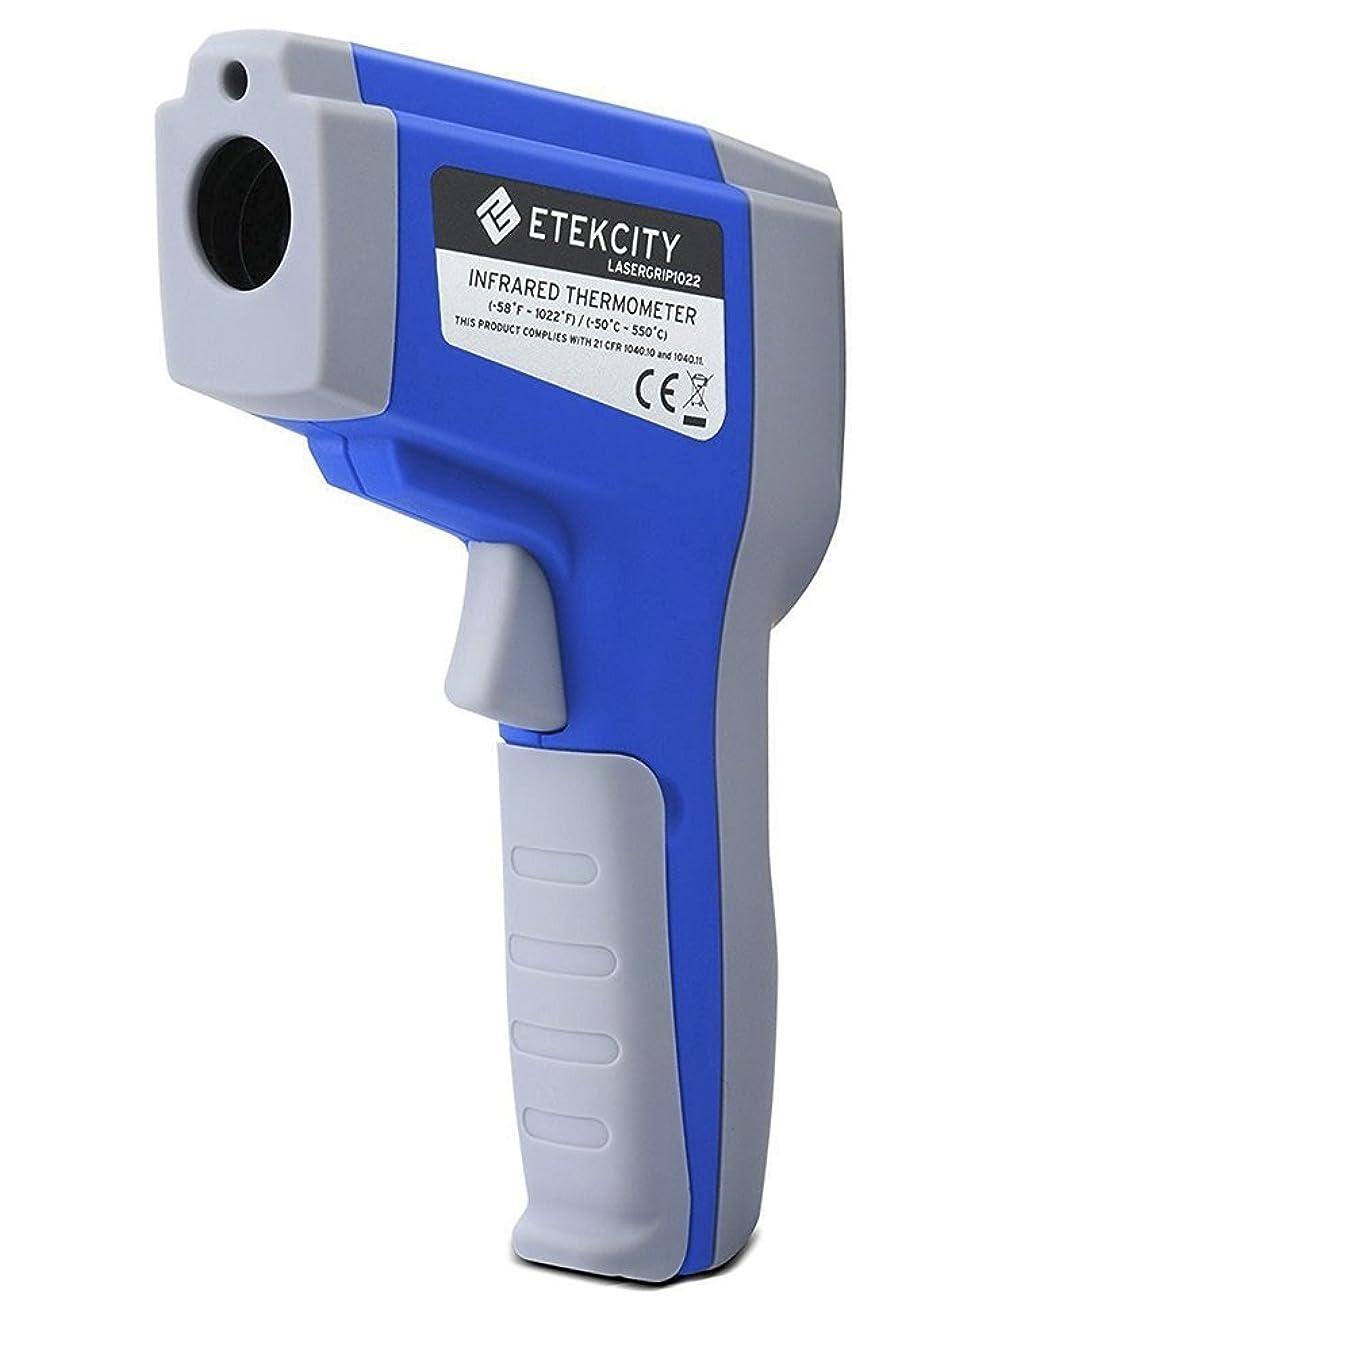 姪征服者価値のないEtekcity 赤外線温度計デジタルサーモメーター 非接触式温度計赤外線放射温度計Lasergrip 1022 Non-contact Digital Laser Infrared Thermometer with Adjustable EMS & MAX Display, Blue【並行輸入品】 BUYBOAZ